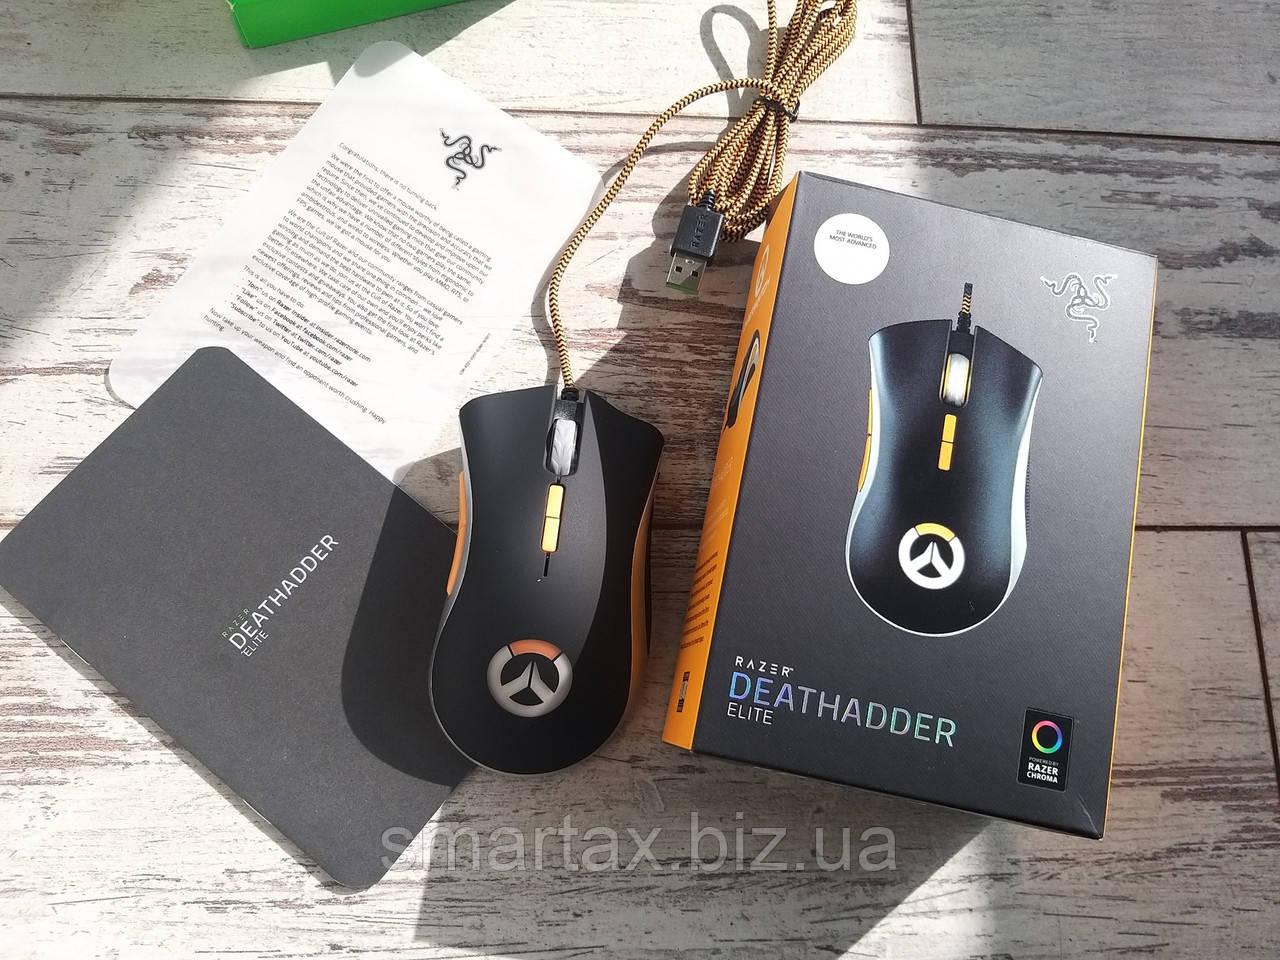 Геймерская мышка Razer Death Adder Chroma Overwatch Edition с подсветкой черная 16000 dpi